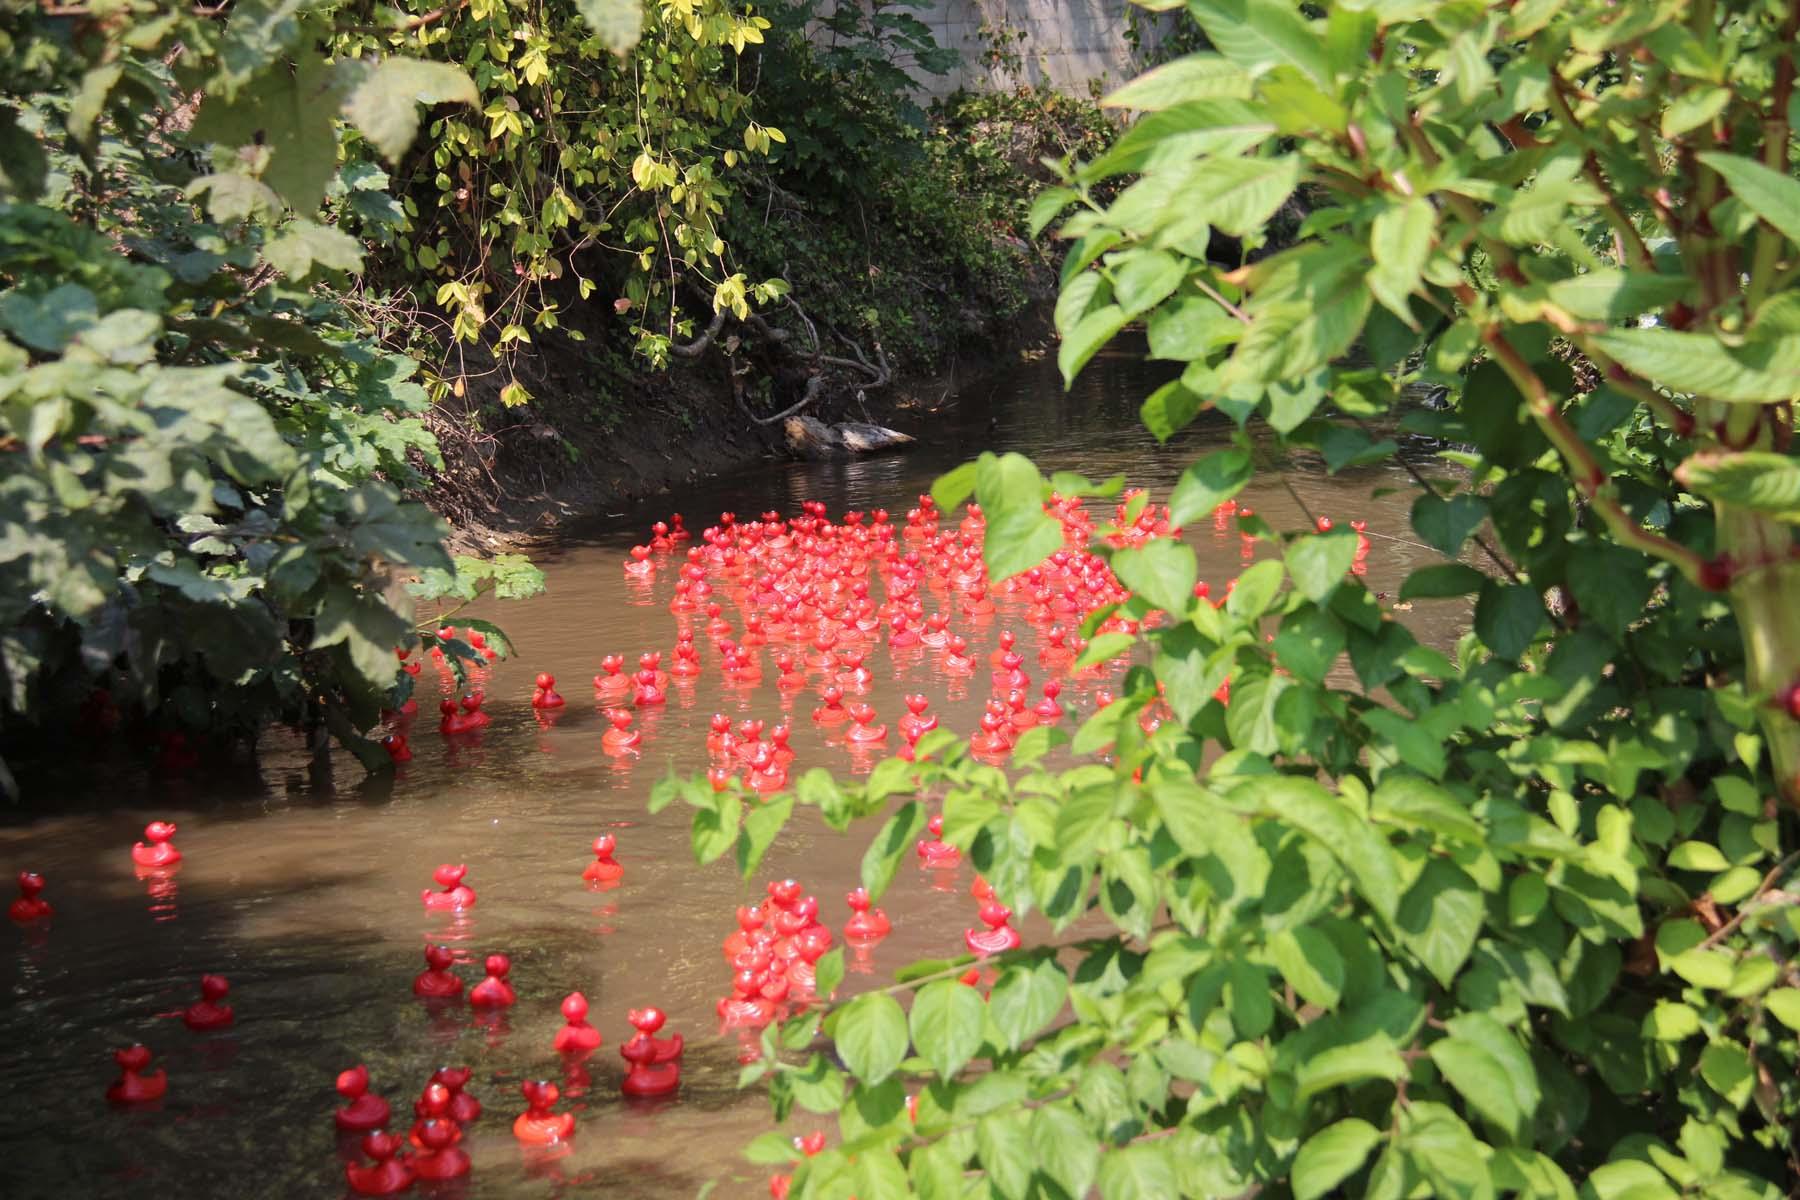 Rote Renn-Enten im Wasser beim Entenrennen im Rahmen des 1. Bad Schönborner Familienfestivals am 15. Juli 2018